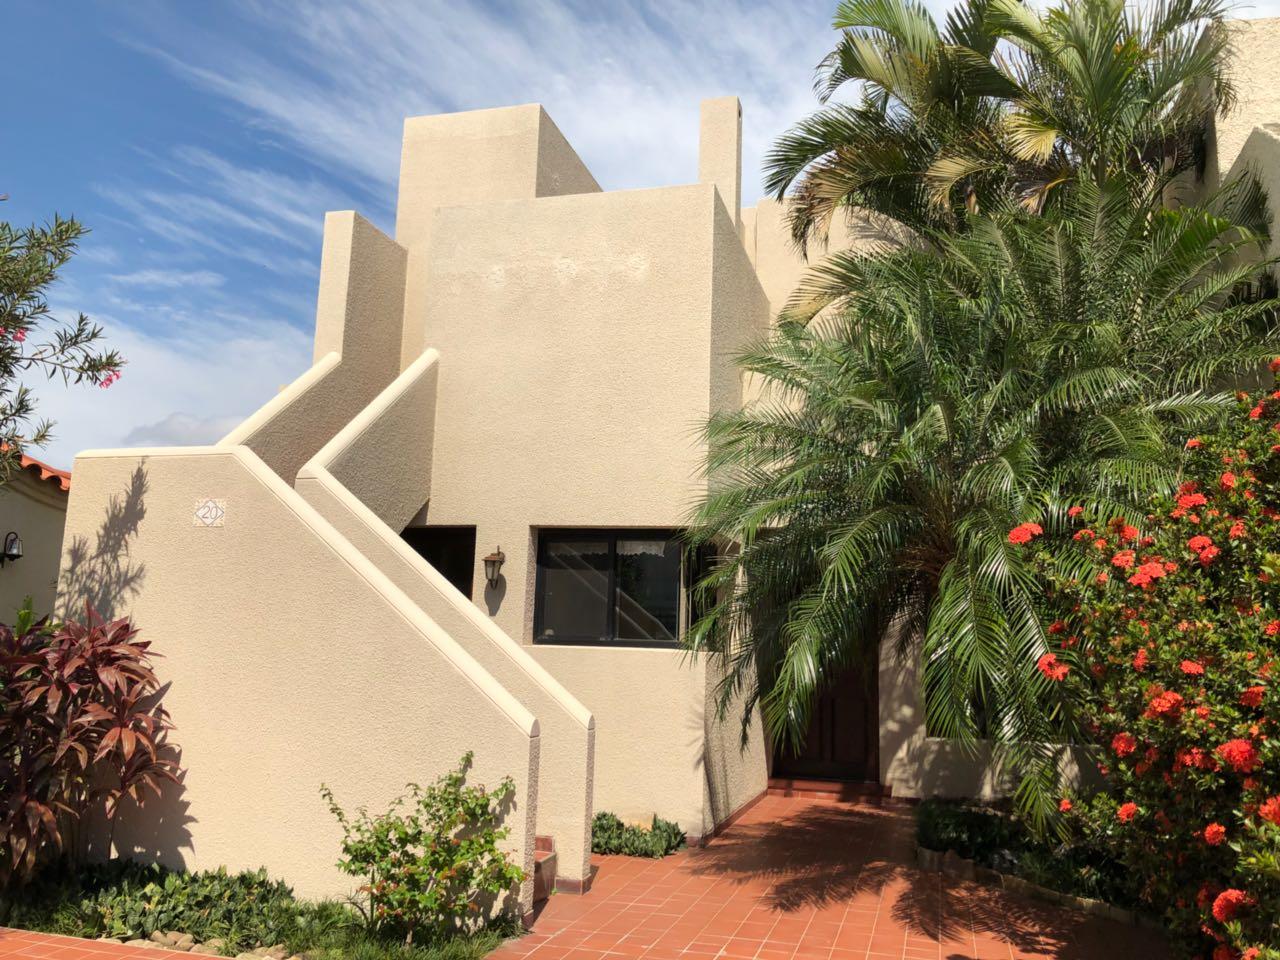 Casa en Alquiler CASA EN ALQUILER, URBANIZACIÓN LA HACIENDA I, ENTRE AV. BENI Y BANZER 5TO ANILLO Foto 17